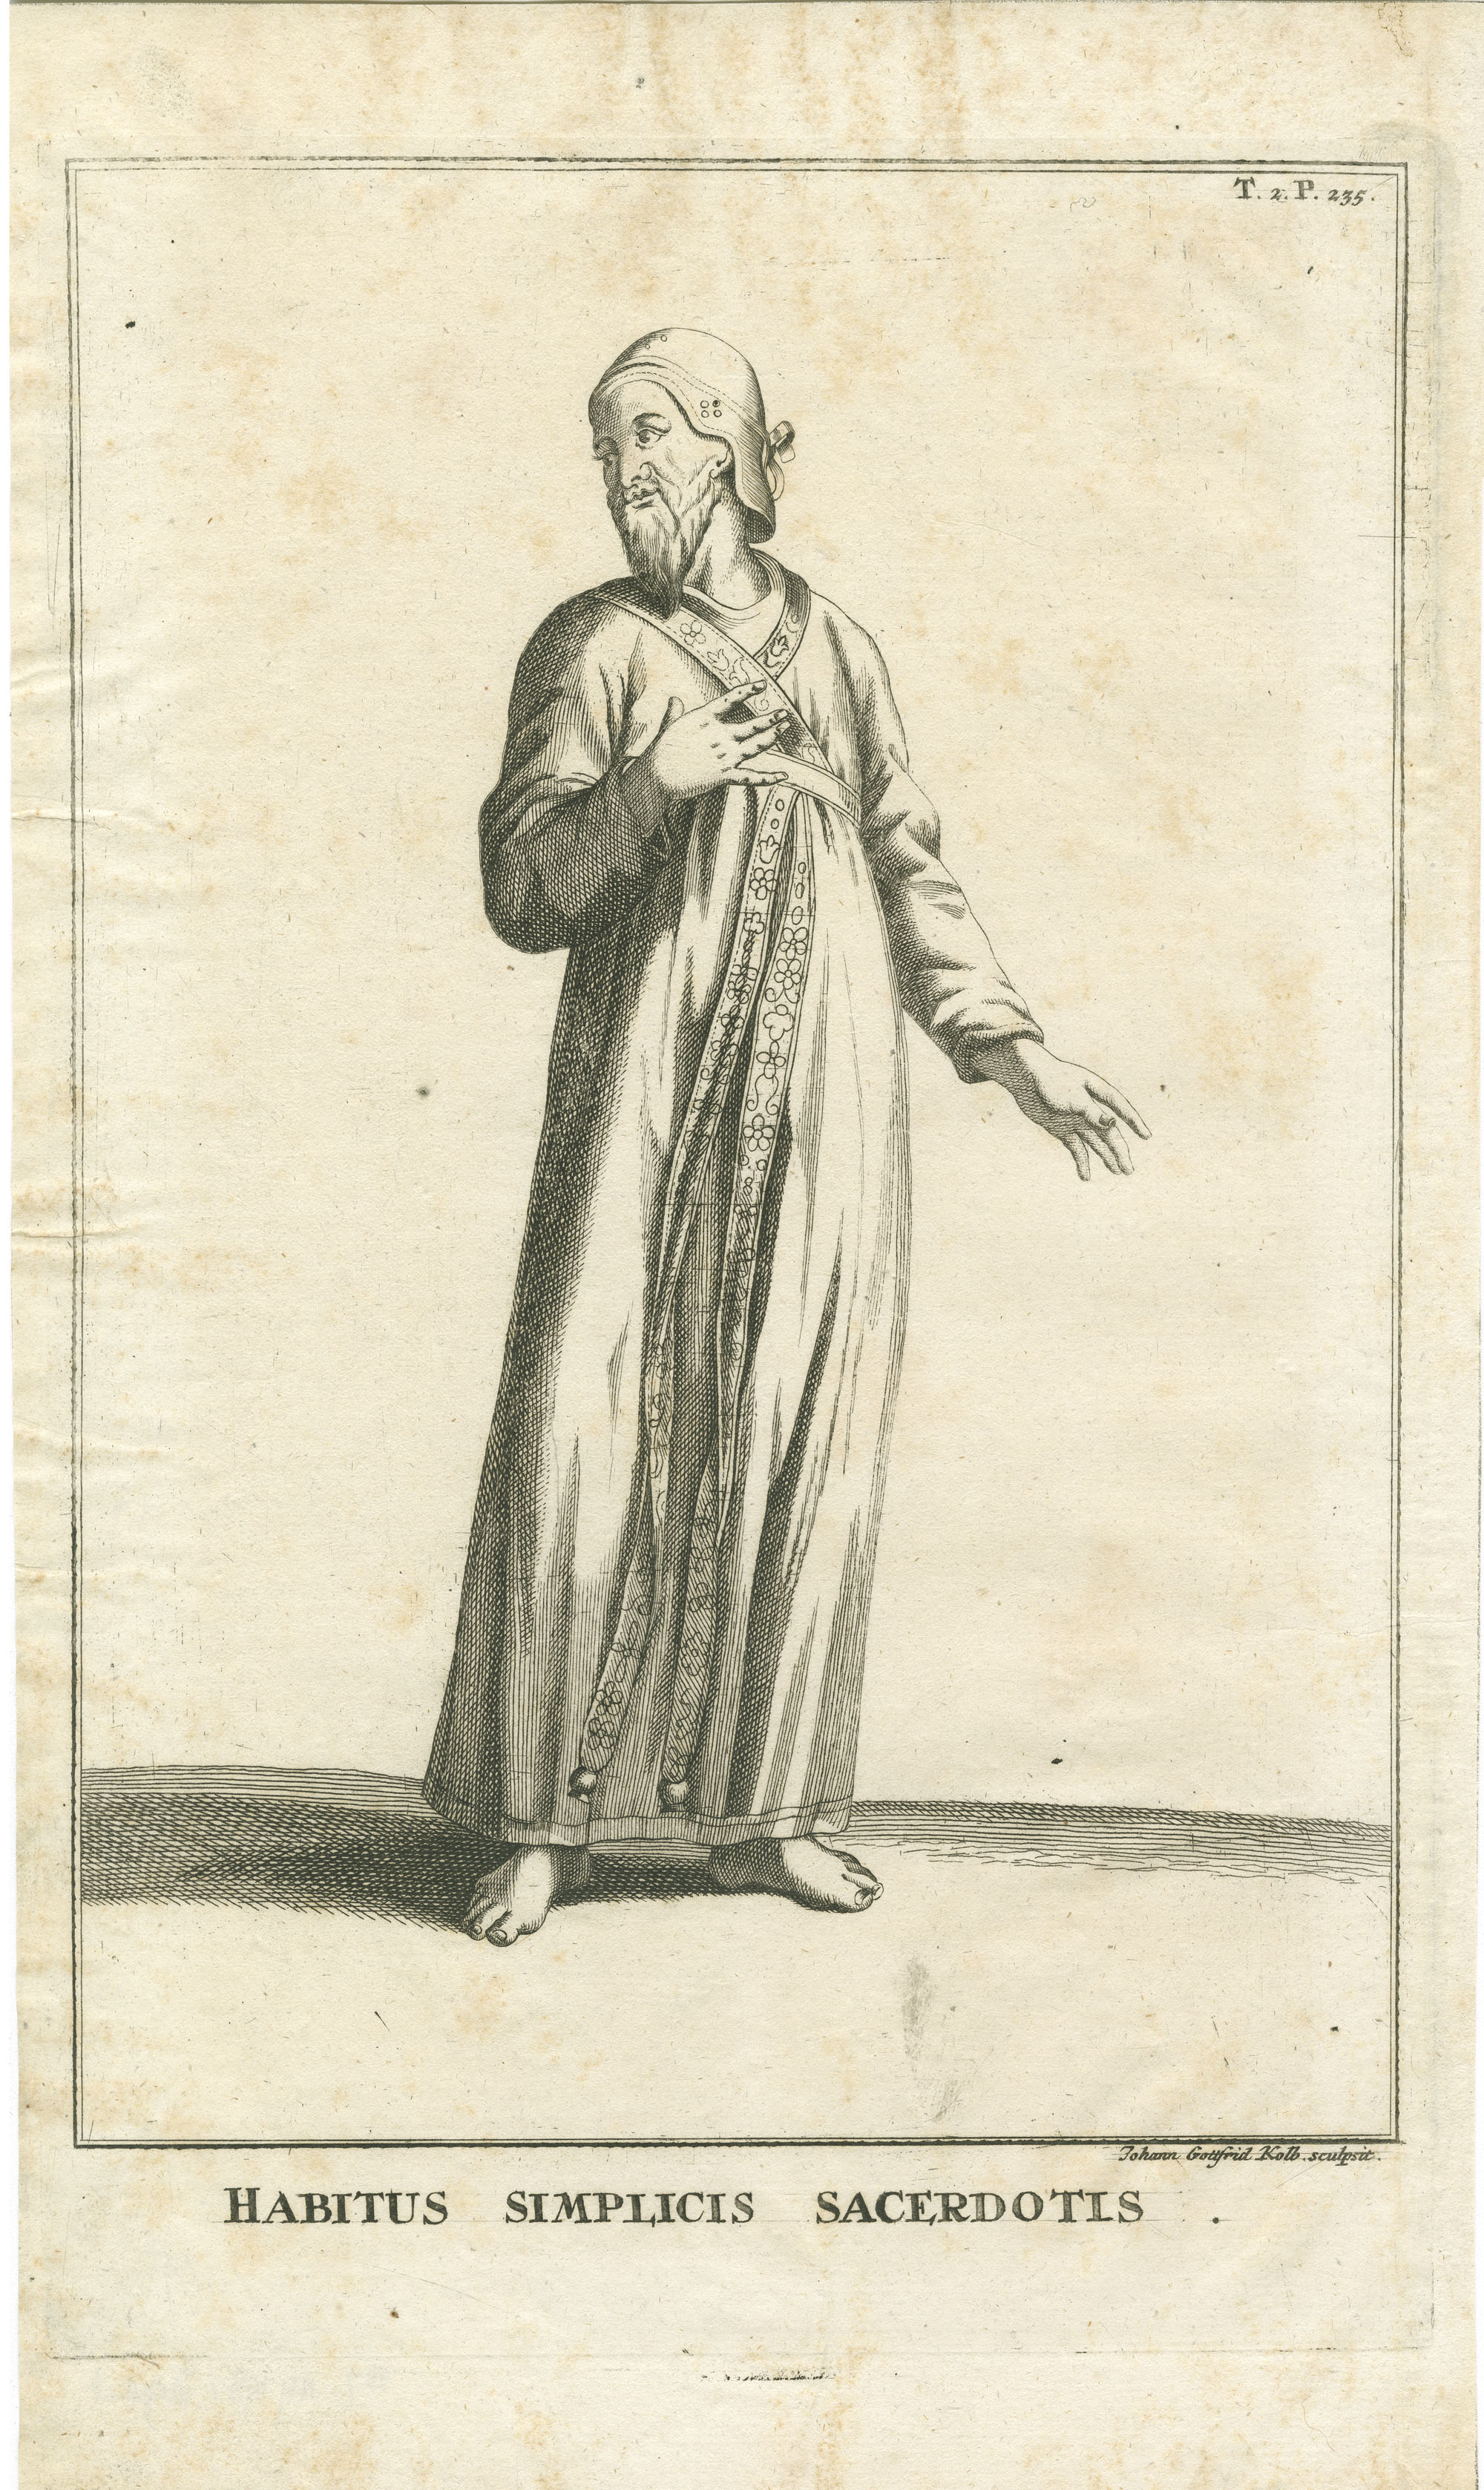 Habitus simplicis sacerdotis